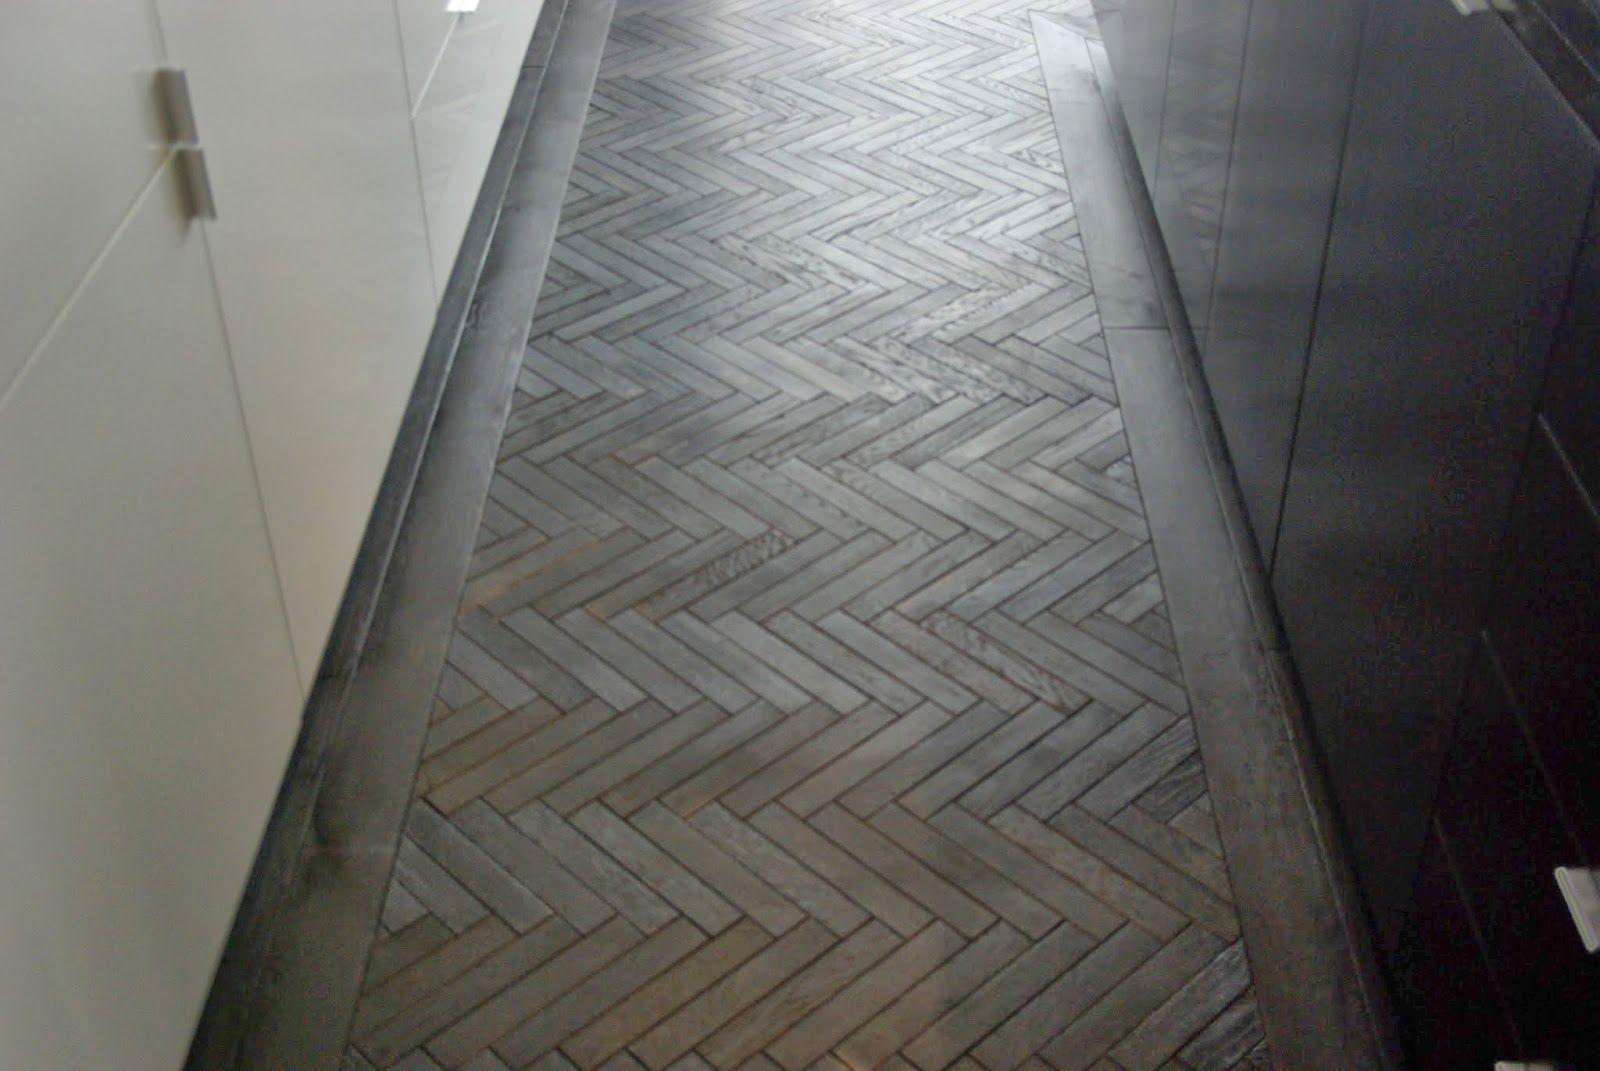 Black Herringbone Parquet Renaissance Parquet Flooring